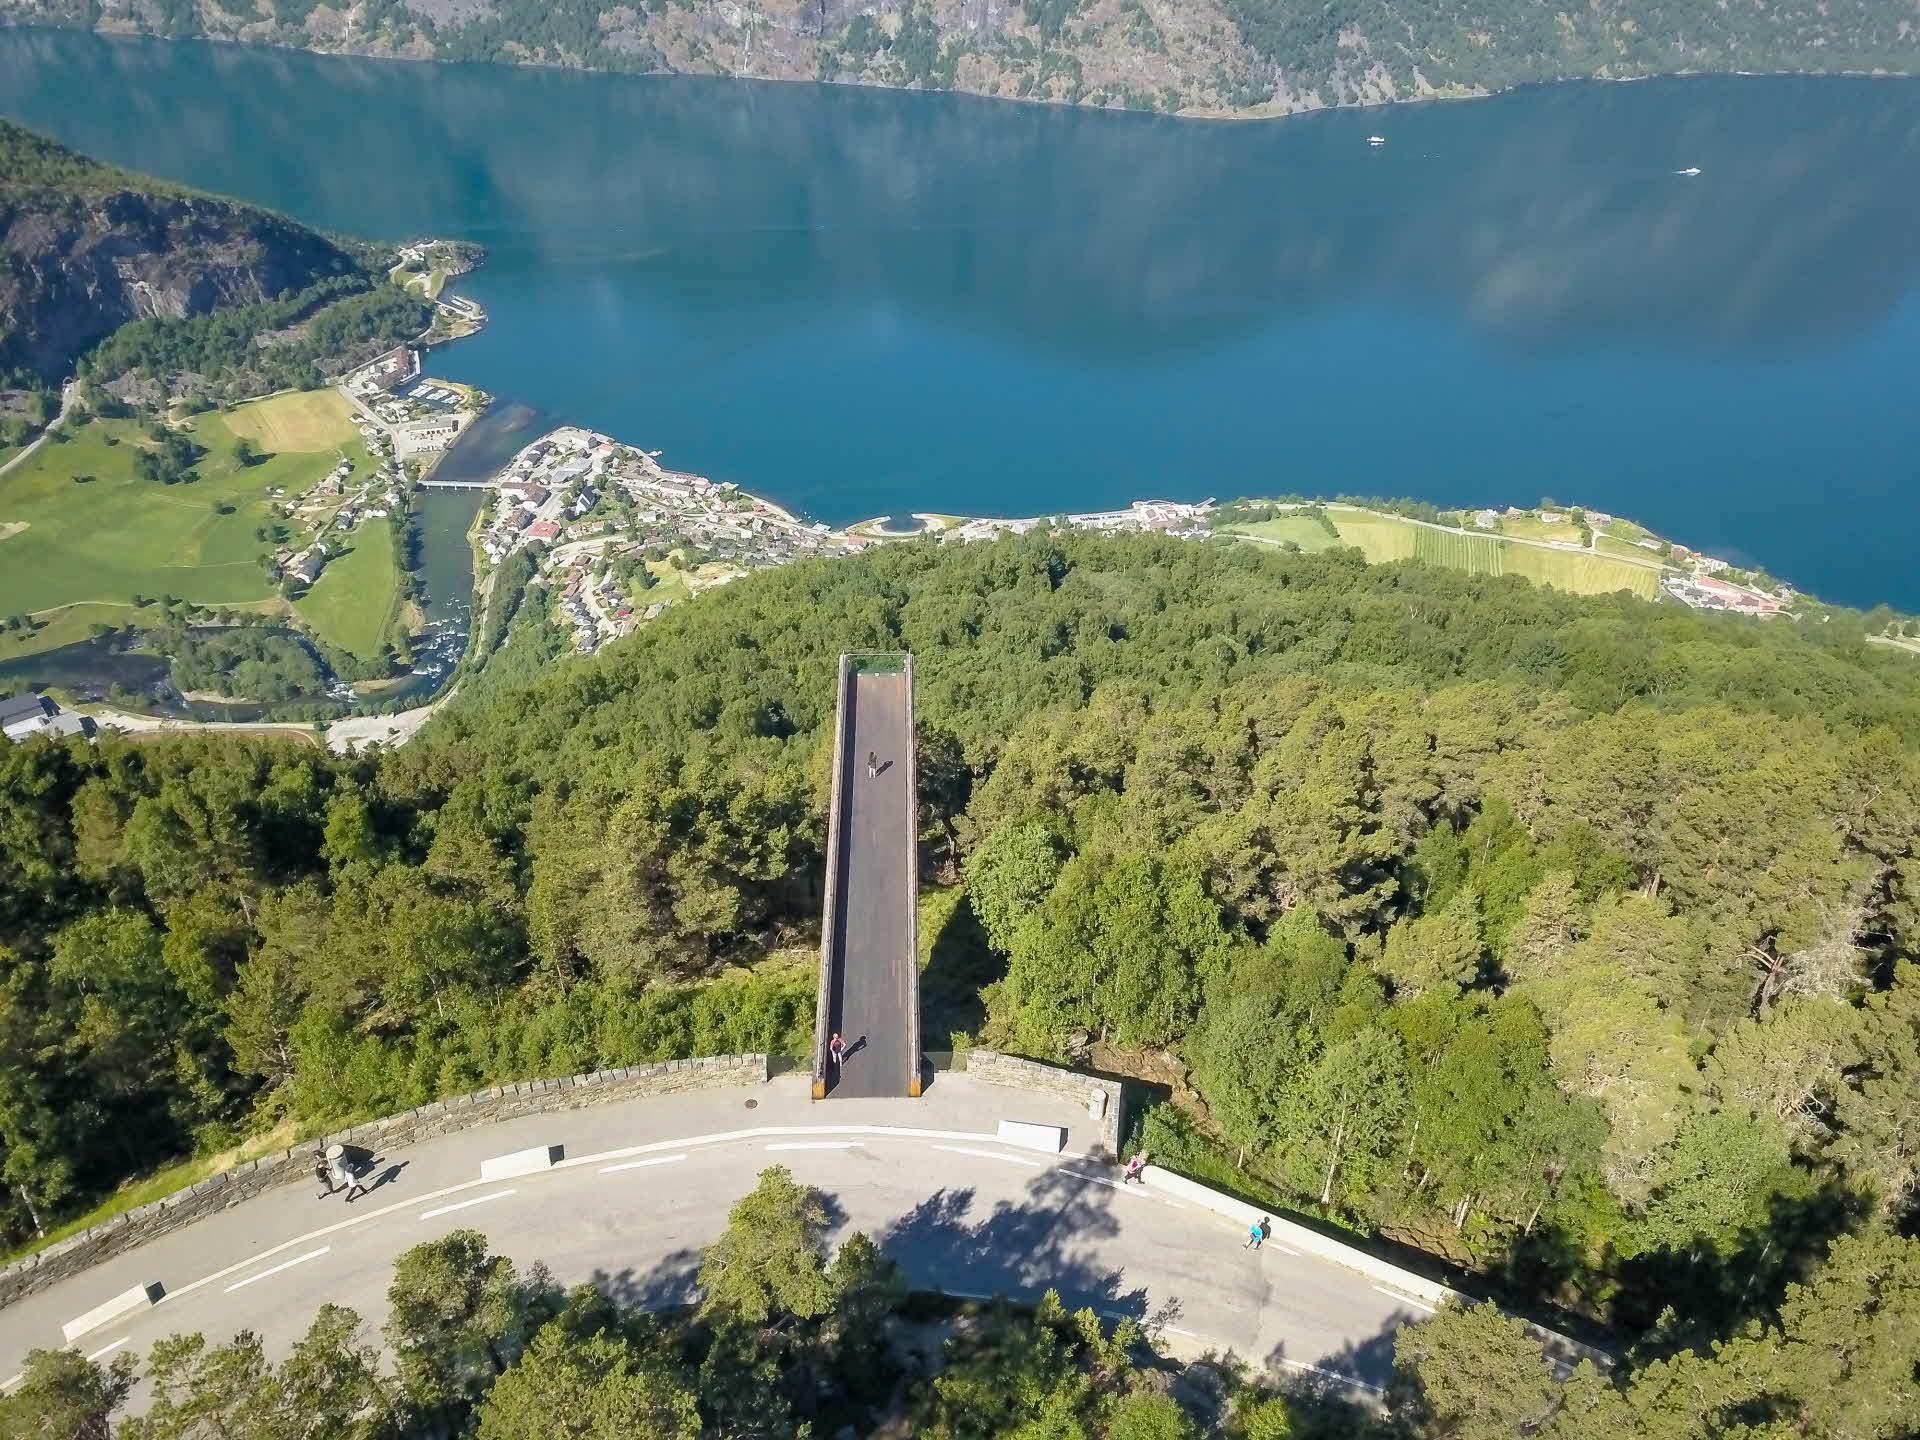 Stegastein Viewpoint from birds eye view overlooking Aurlandsfjord in summer